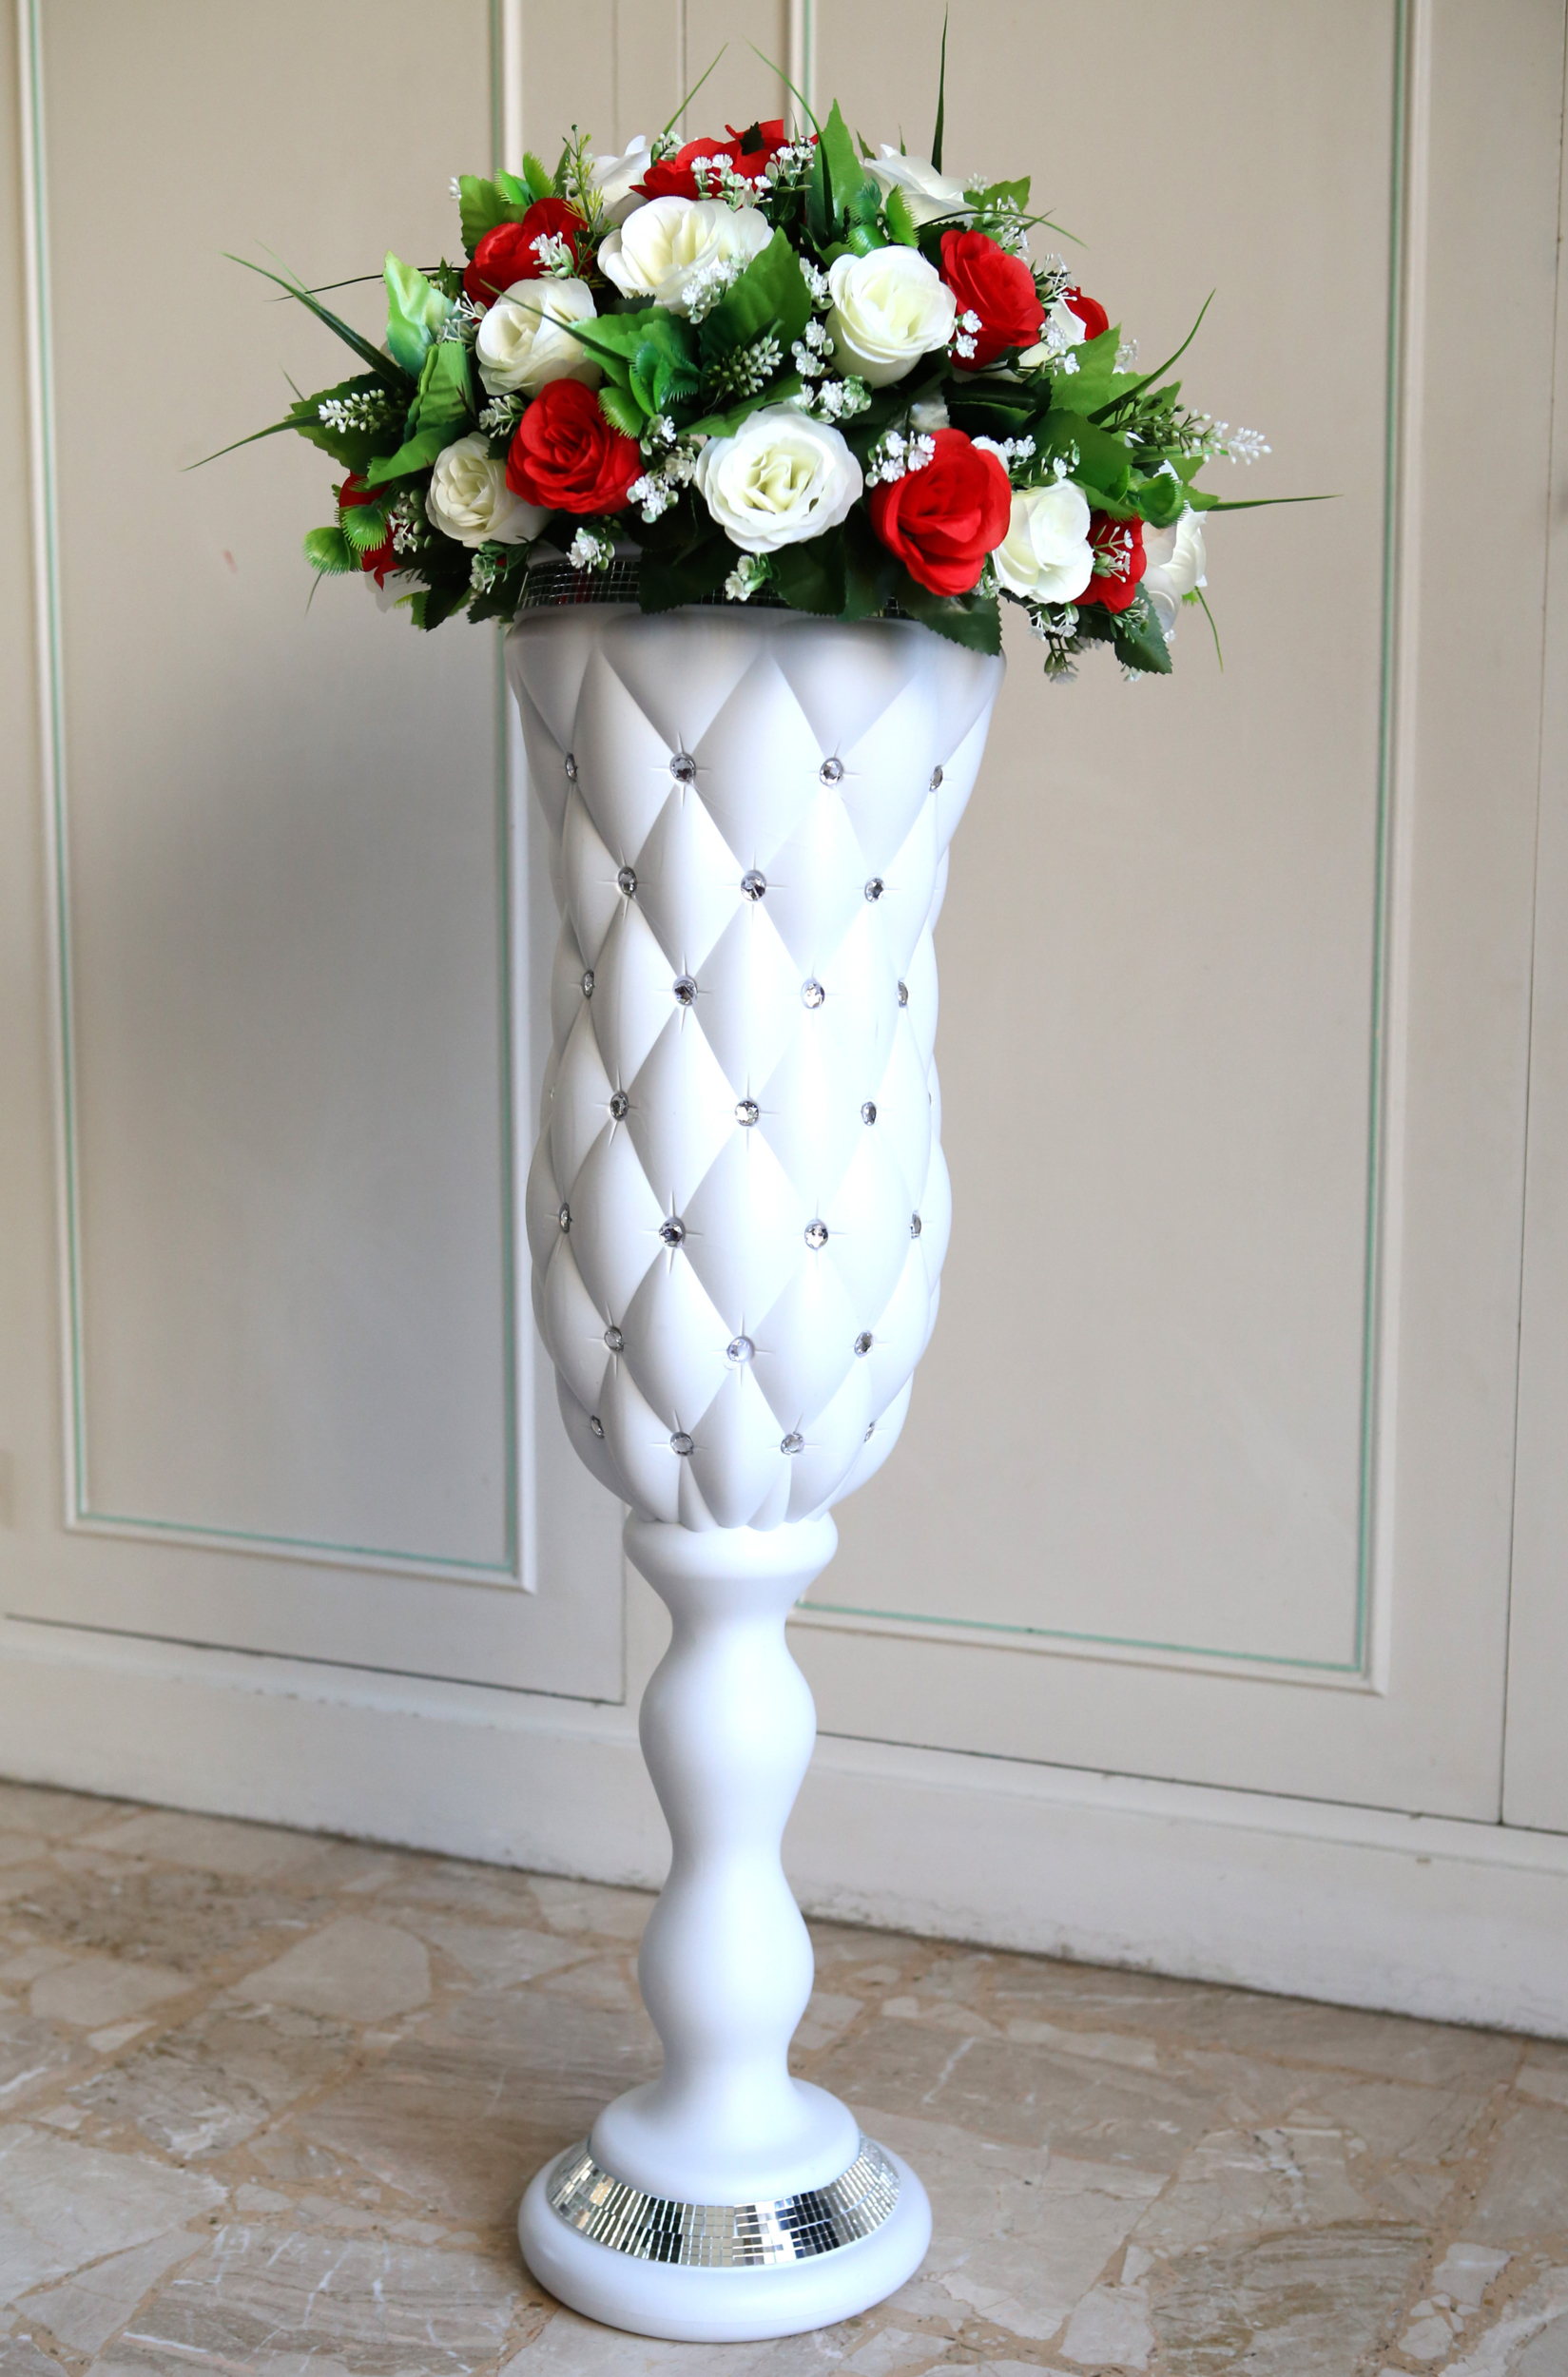 colonne d coration mariage support bouquet mcl1 mariage bapt me f te colonnes d 39 entr es. Black Bedroom Furniture Sets. Home Design Ideas